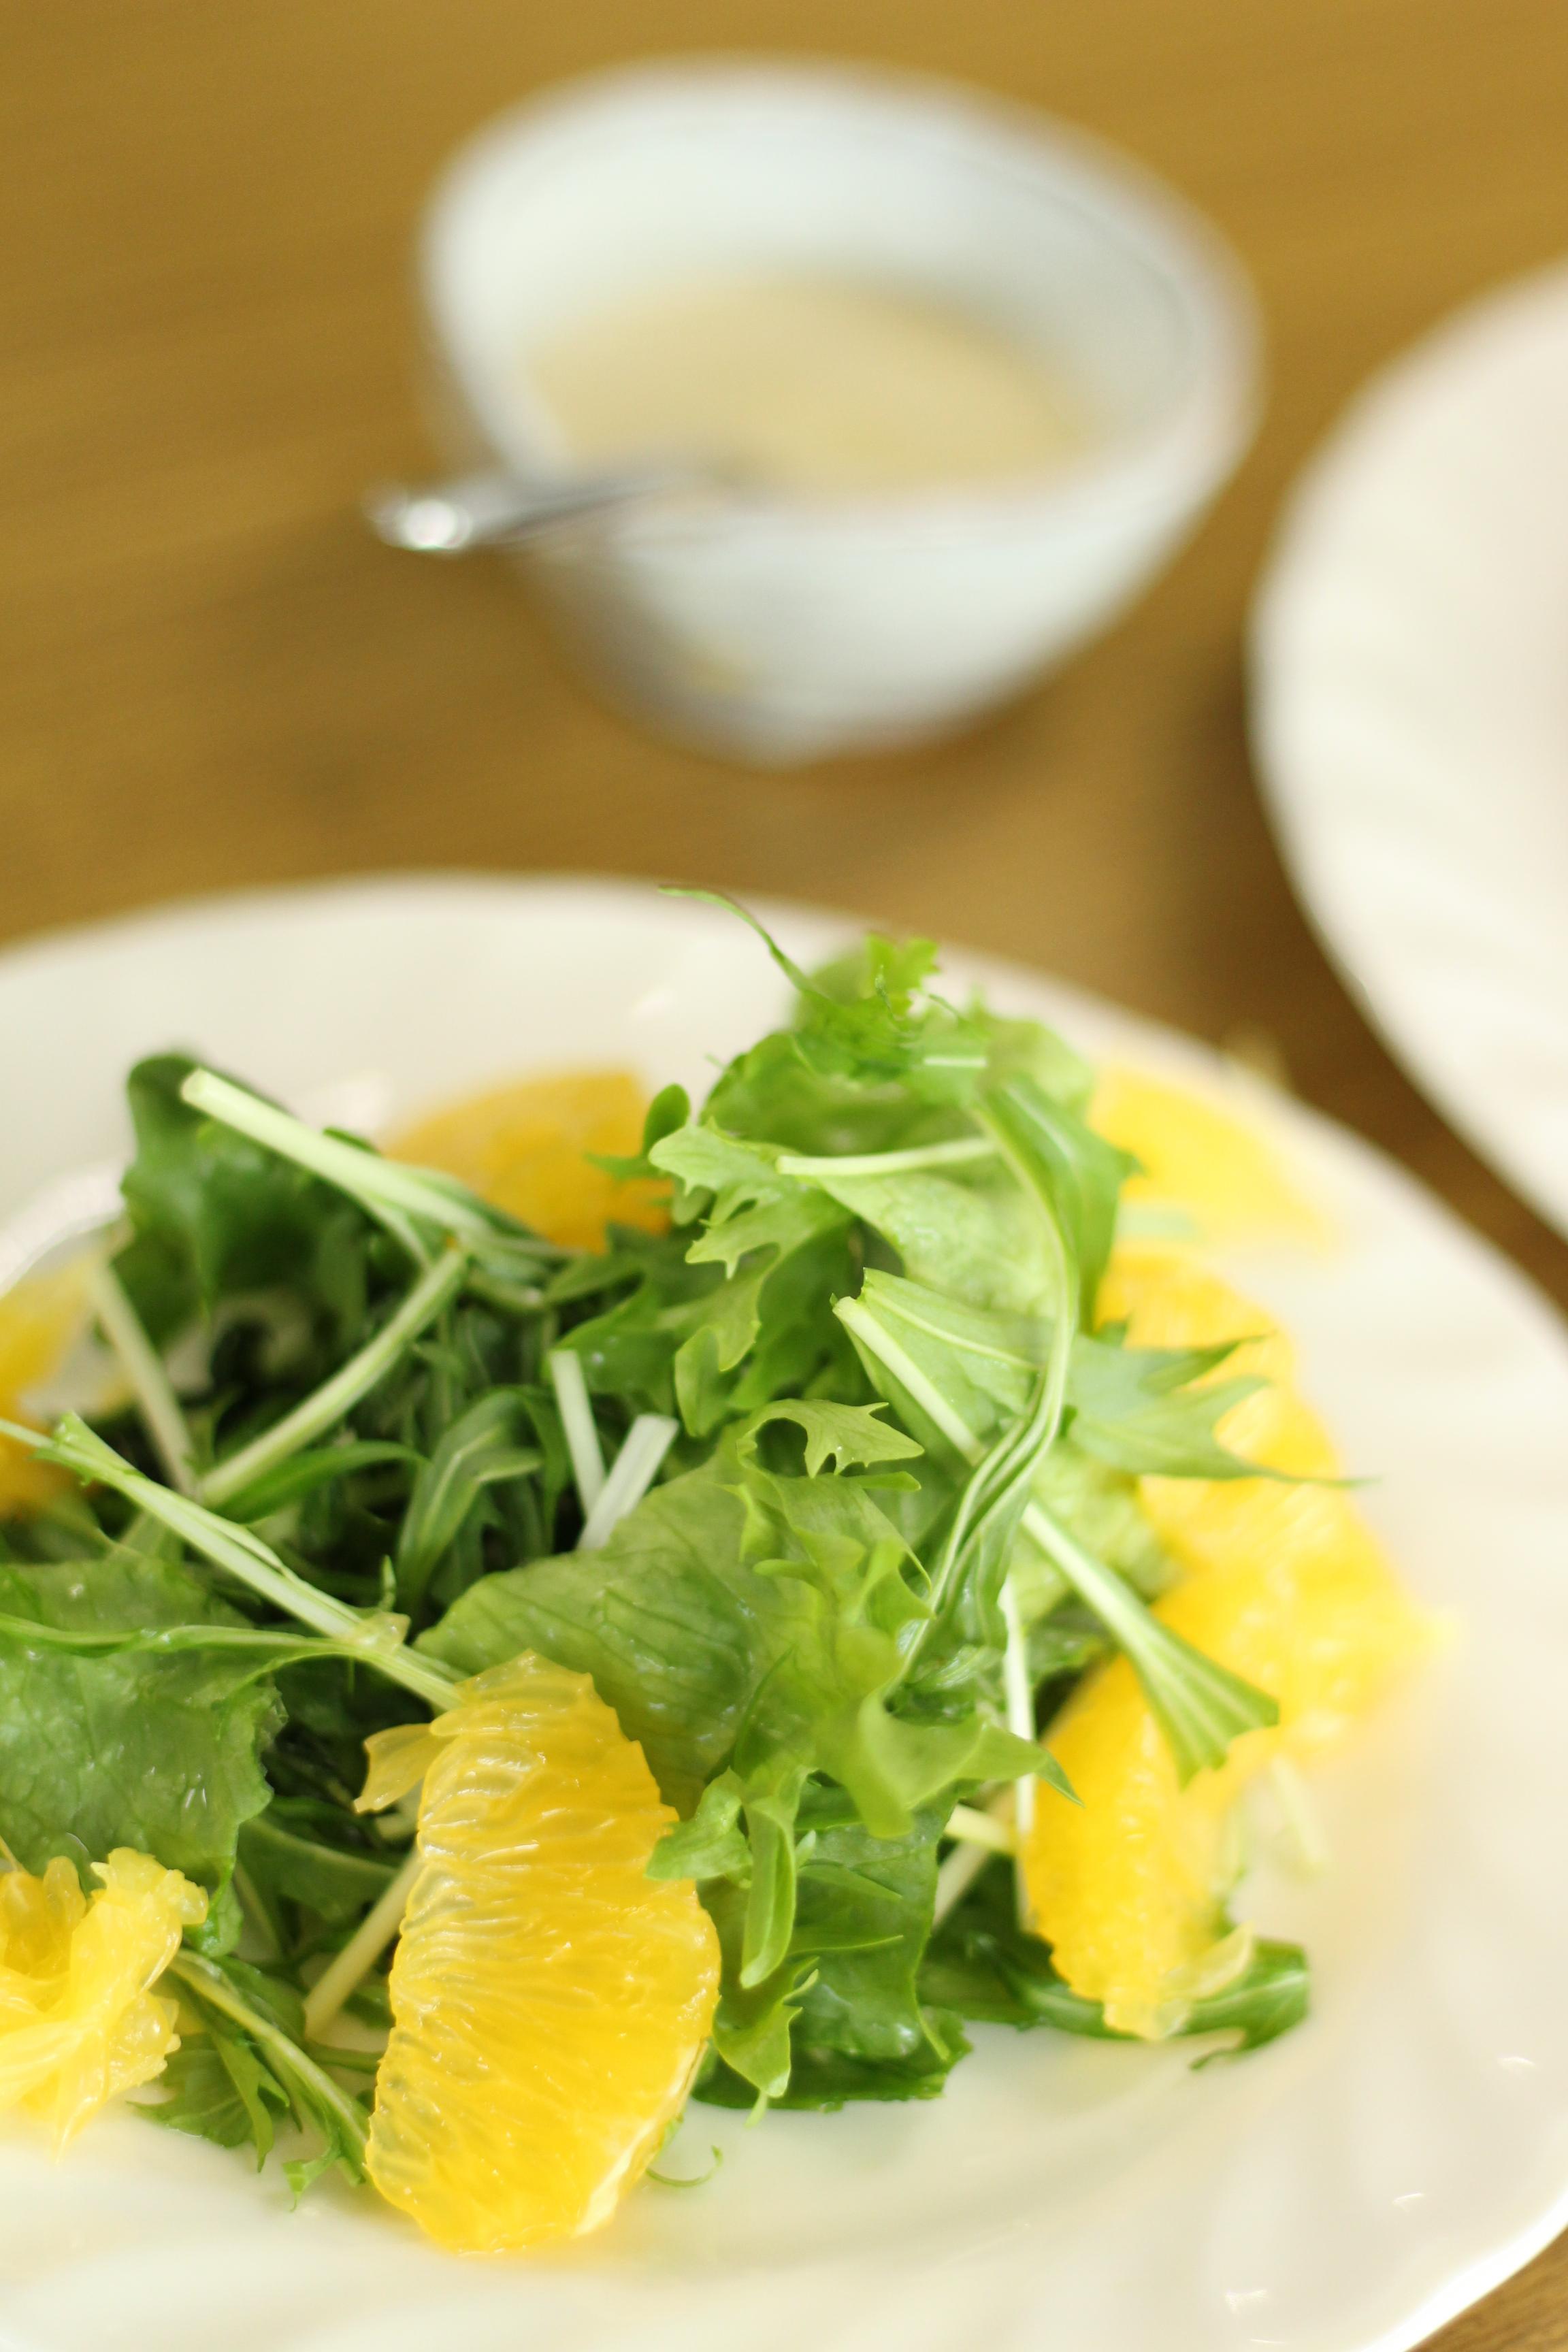 阿倍野区西田辺、会館でのレッスン『ブリオッシュ』a-ta-sante投資う制限パン料理教室。